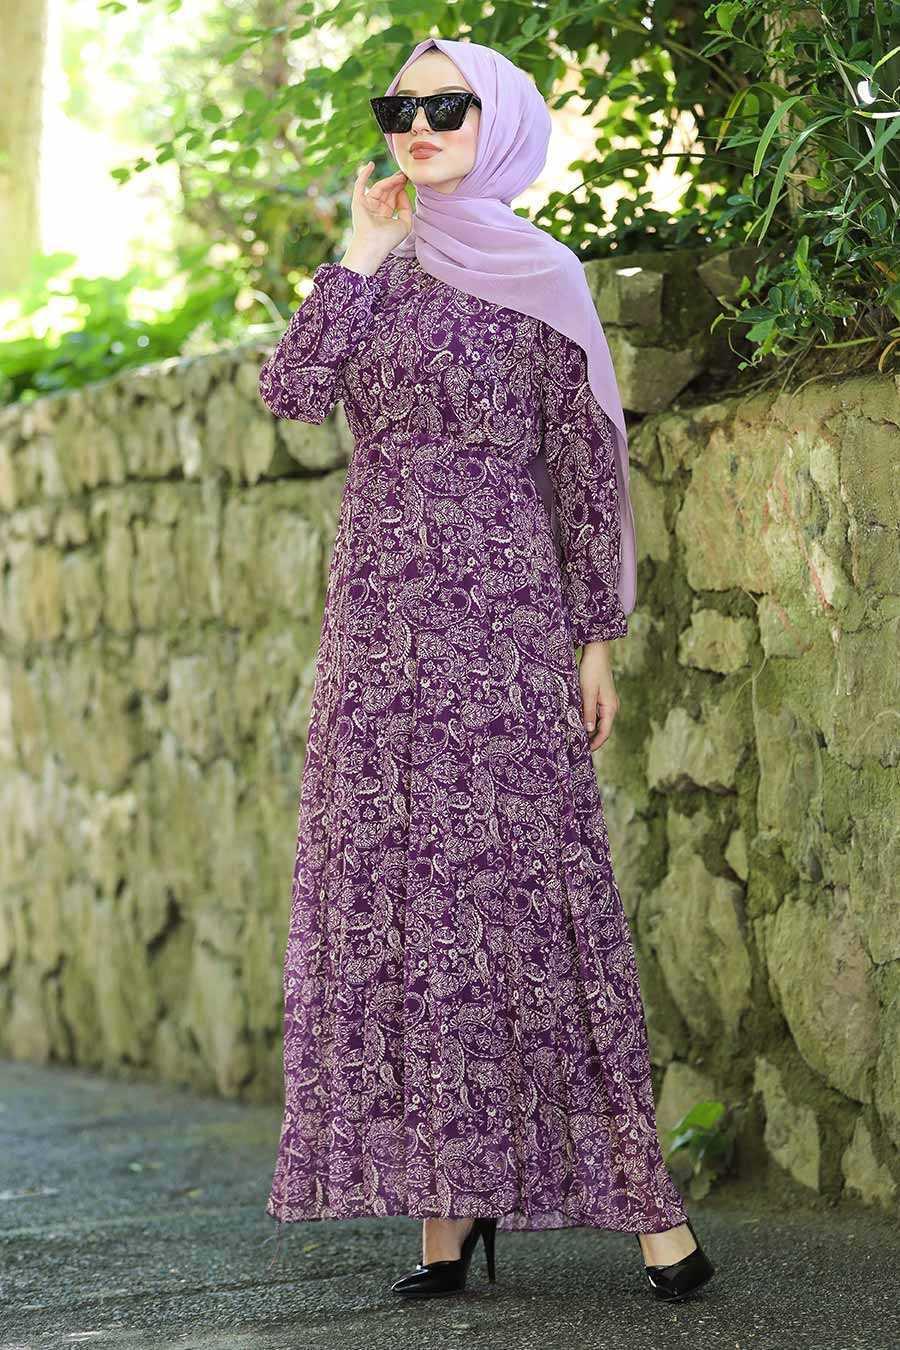 Neva Style Tesettür Desenli Mor Şifon Elbise Modelleri